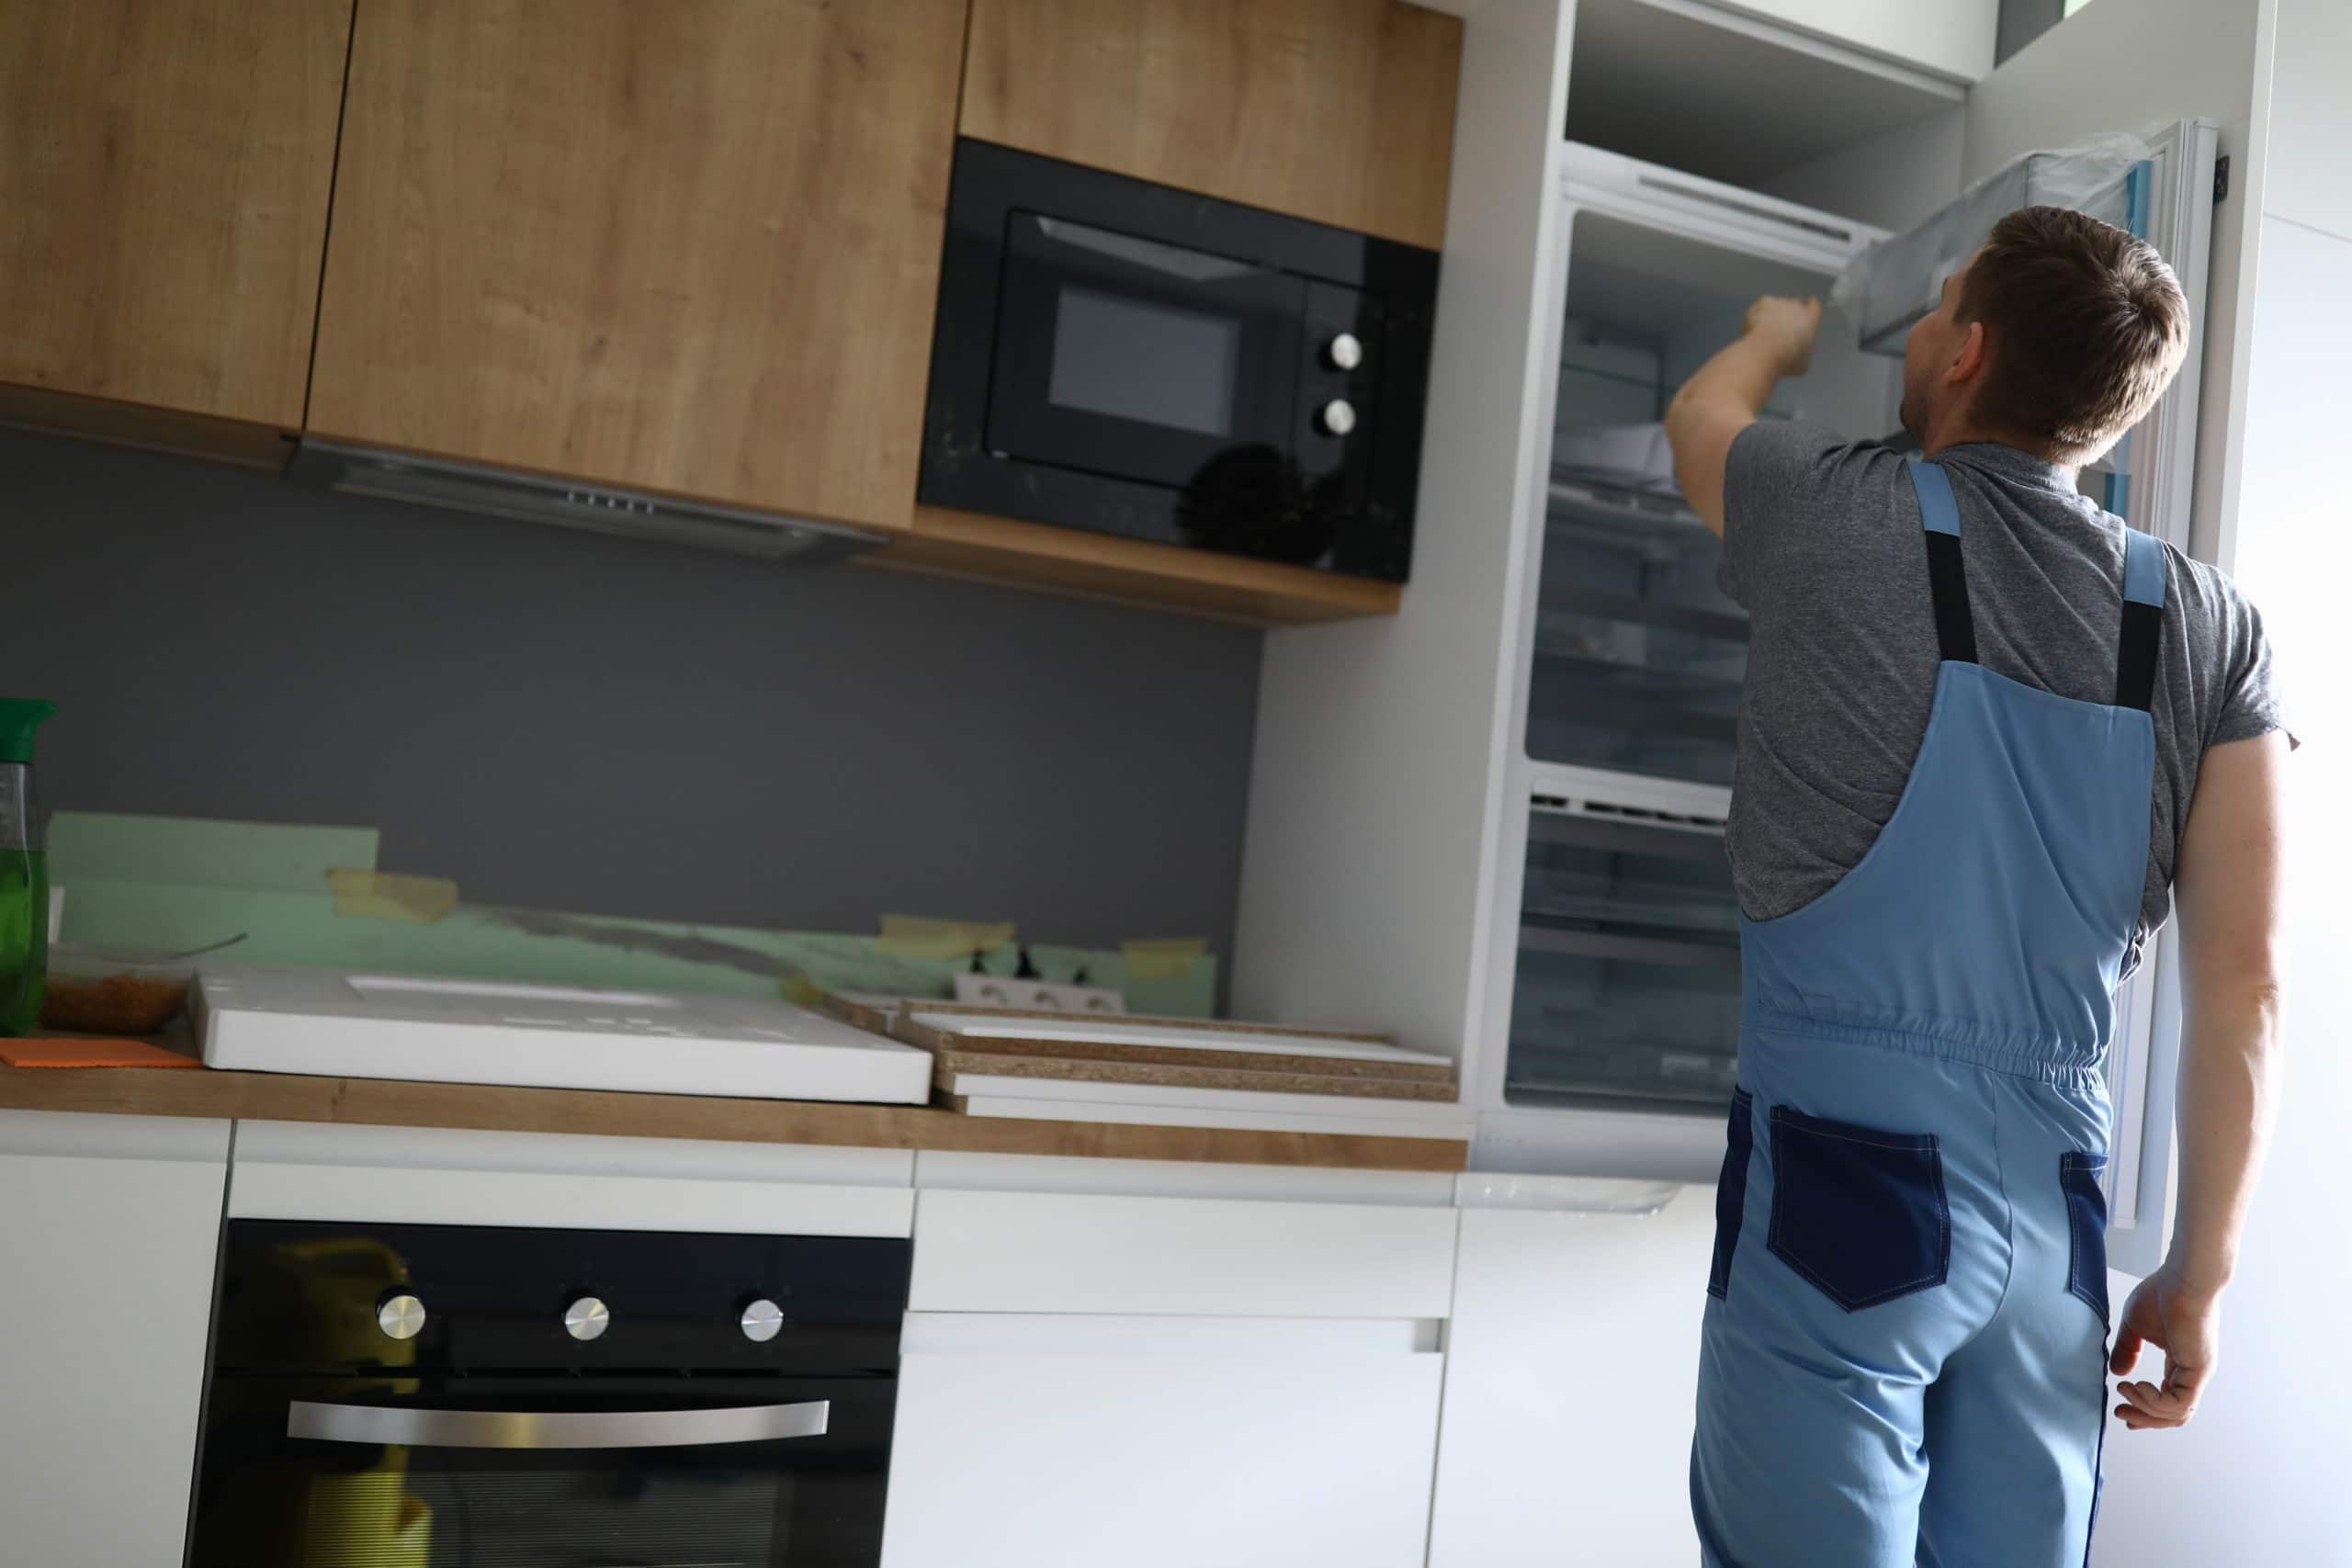 Comment économiser de l'espace dans la maison?